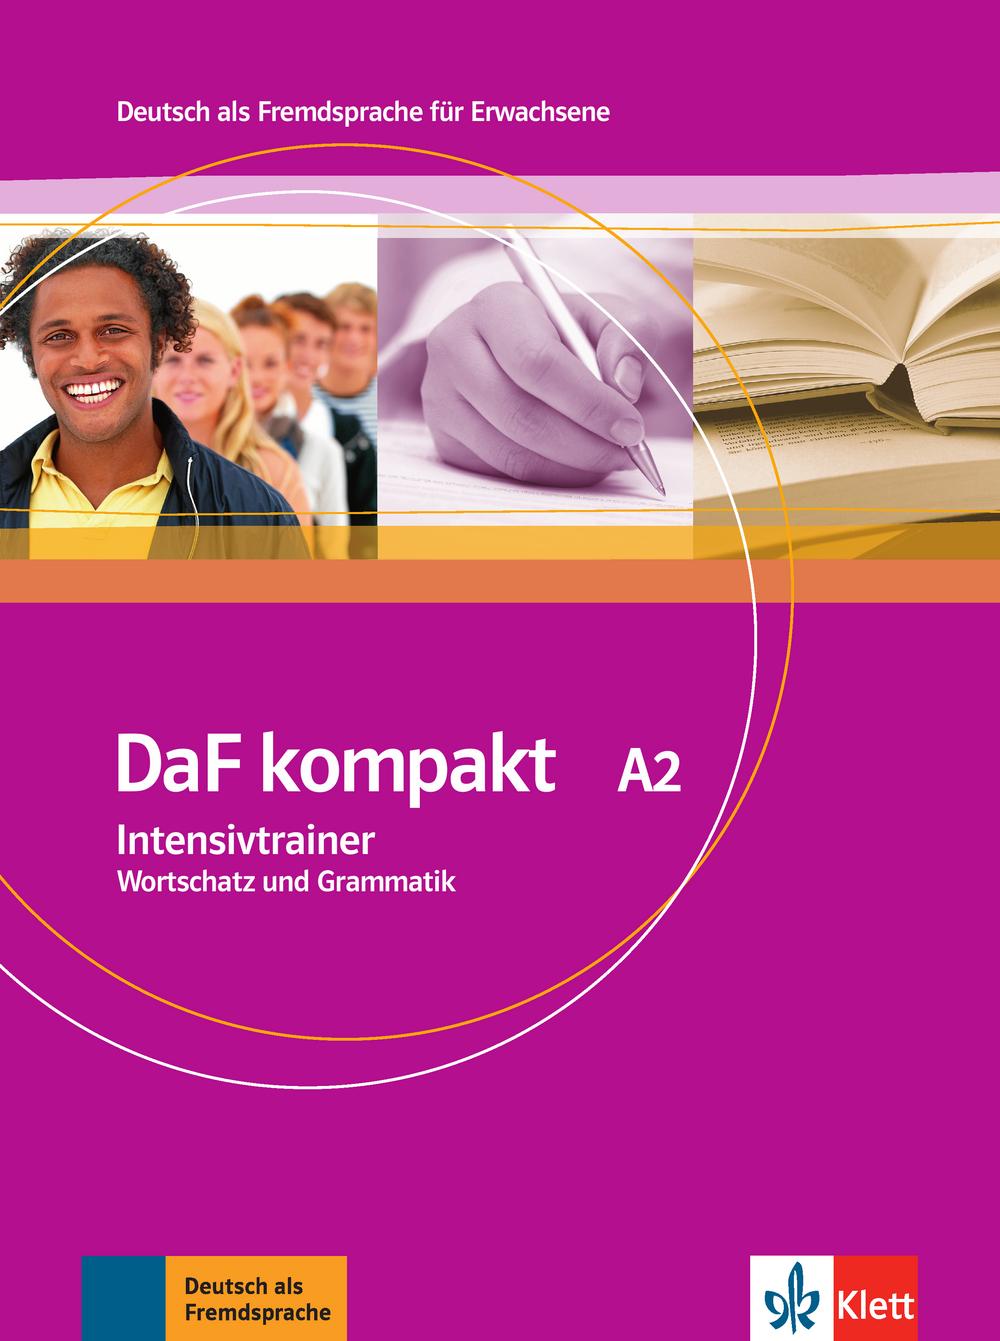 DaF kompakt A2